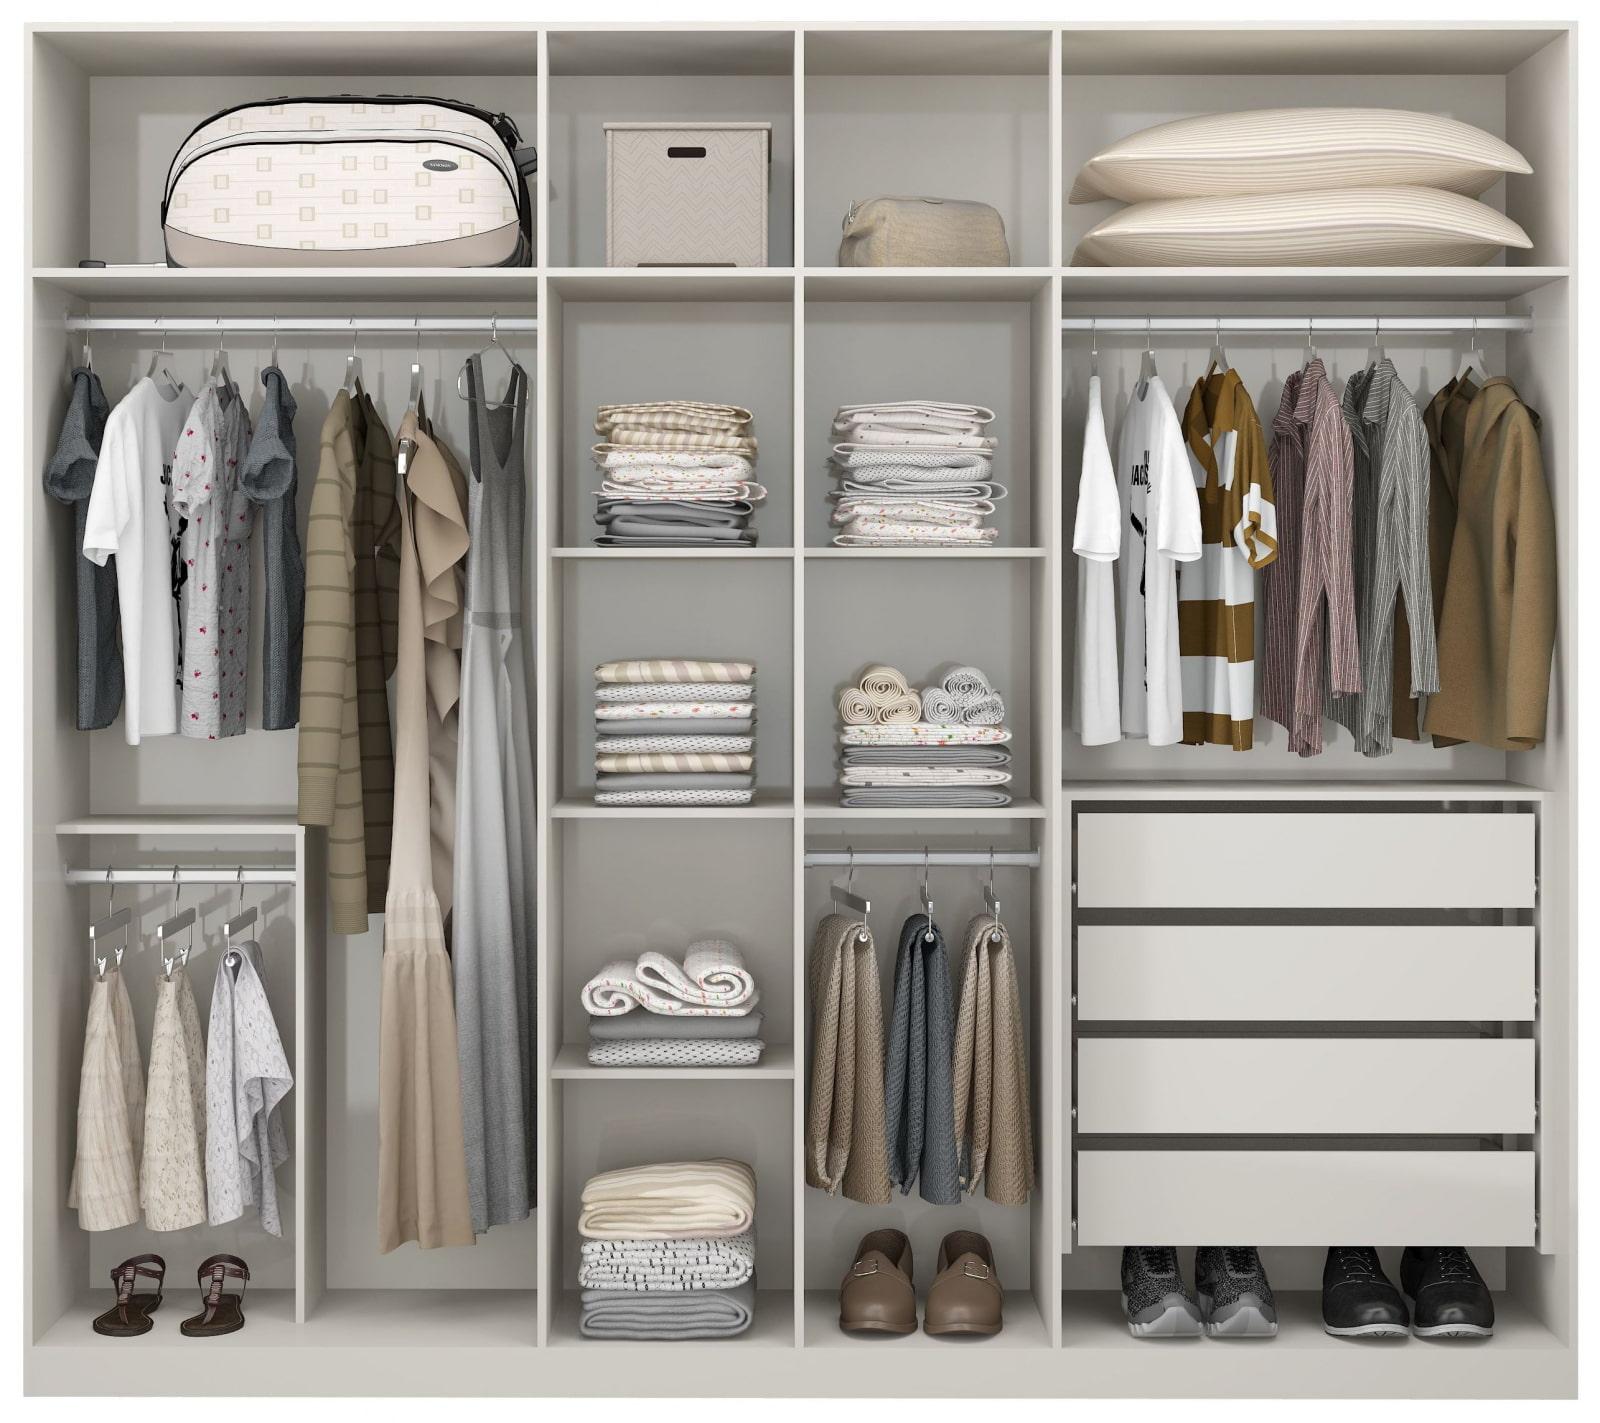 Дизайн угловых шкафов купе фотогалерея вещество поможет